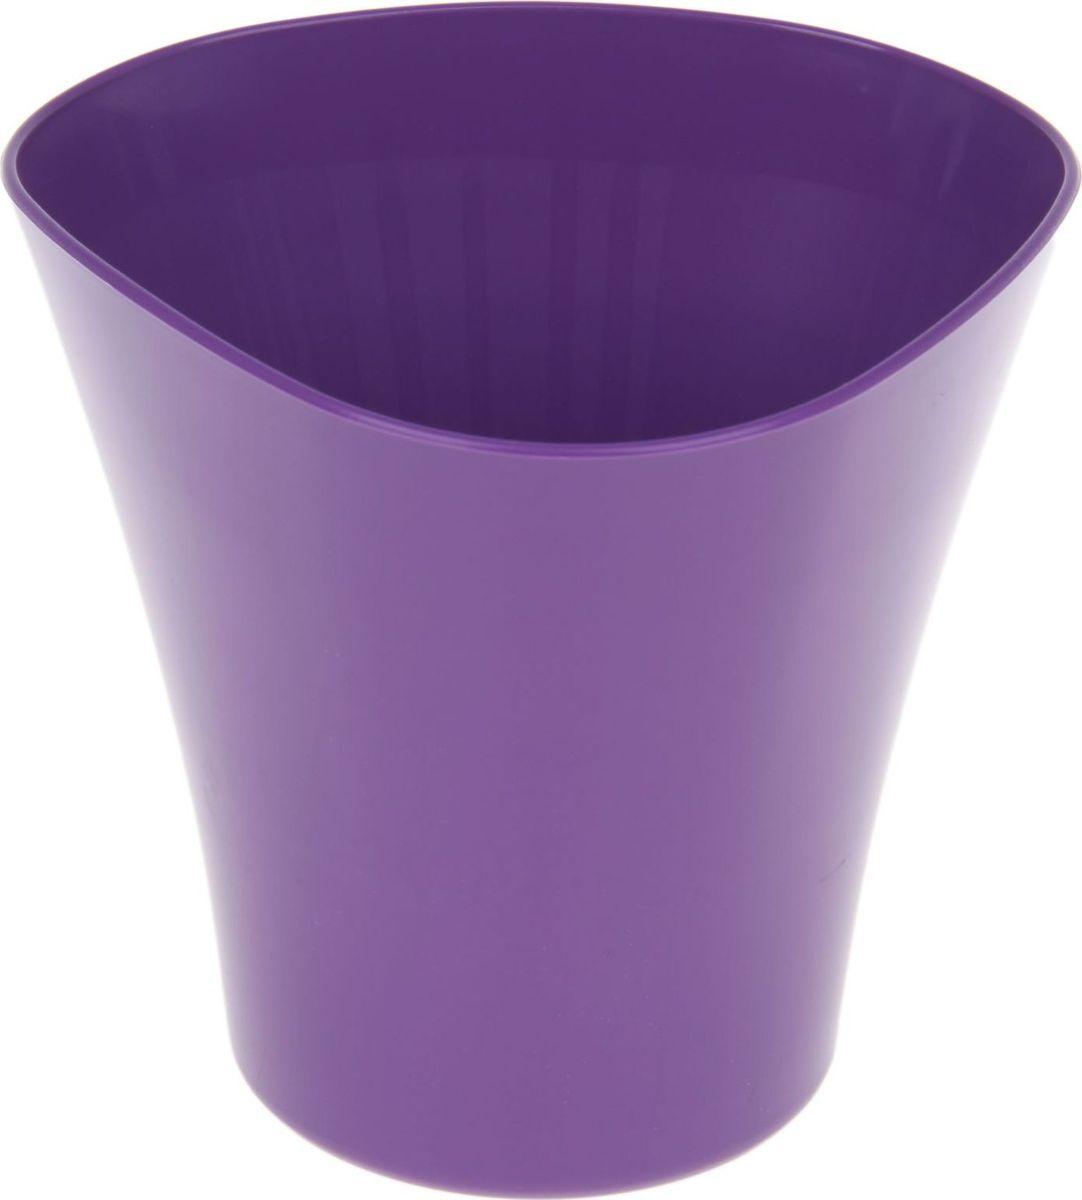 Кашпо JetPlast Волна, цвет: фиолетовый, 3 л531-302Любой, даже самый современный и продуманный интерьер будет не завершённым без растений. Они не только очищают воздух и насыщают его кислородом, но и заметно украшают окружающее пространство. Такому полезному &laquo члену семьи&raquoпросто необходимо красивое и функциональное кашпо, оригинальный горшок или необычная ваза! Мы предлагаем - Кашпо 3 л Волна, цвет фиолетовый!Оптимальный выбор материала &mdash &nbsp пластмасса! Почему мы так считаем? Малый вес. С лёгкостью переносите горшки и кашпо с места на место, ставьте их на столики или полки, подвешивайте под потолок, не беспокоясь о нагрузке. Простота ухода. Пластиковые изделия не нуждаются в специальных условиях хранения. Их&nbsp легко чистить &mdashдостаточно просто сполоснуть тёплой водой. Никаких царапин. Пластиковые кашпо не царапают и не загрязняют поверхности, на которых стоят. Пластик дольше хранит влагу, а значит &mdashрастение реже нуждается в поливе. Пластмасса не пропускает воздух &mdashкорневой системе растения не грозят резкие перепады температур. Огромный выбор форм, декора и расцветок &mdashвы без труда подберёте что-то, что идеально впишется в уже существующий интерьер.Соблюдая нехитрые правила ухода, вы можете заметно продлить срок службы горшков, вазонов и кашпо из пластика: всегда учитывайте размер кроны и корневой системы растения (при разрастании большое растение способно повредить маленький горшок)берегите изделие от воздействия прямых солнечных лучей, чтобы кашпо и горшки не выцветалидержите кашпо и горшки из пластика подальше от нагревающихся поверхностей.Создавайте прекрасные цветочные композиции, выращивайте рассаду или необычные растения, а низкие цены позволят вам не ограничивать себя в выборе.